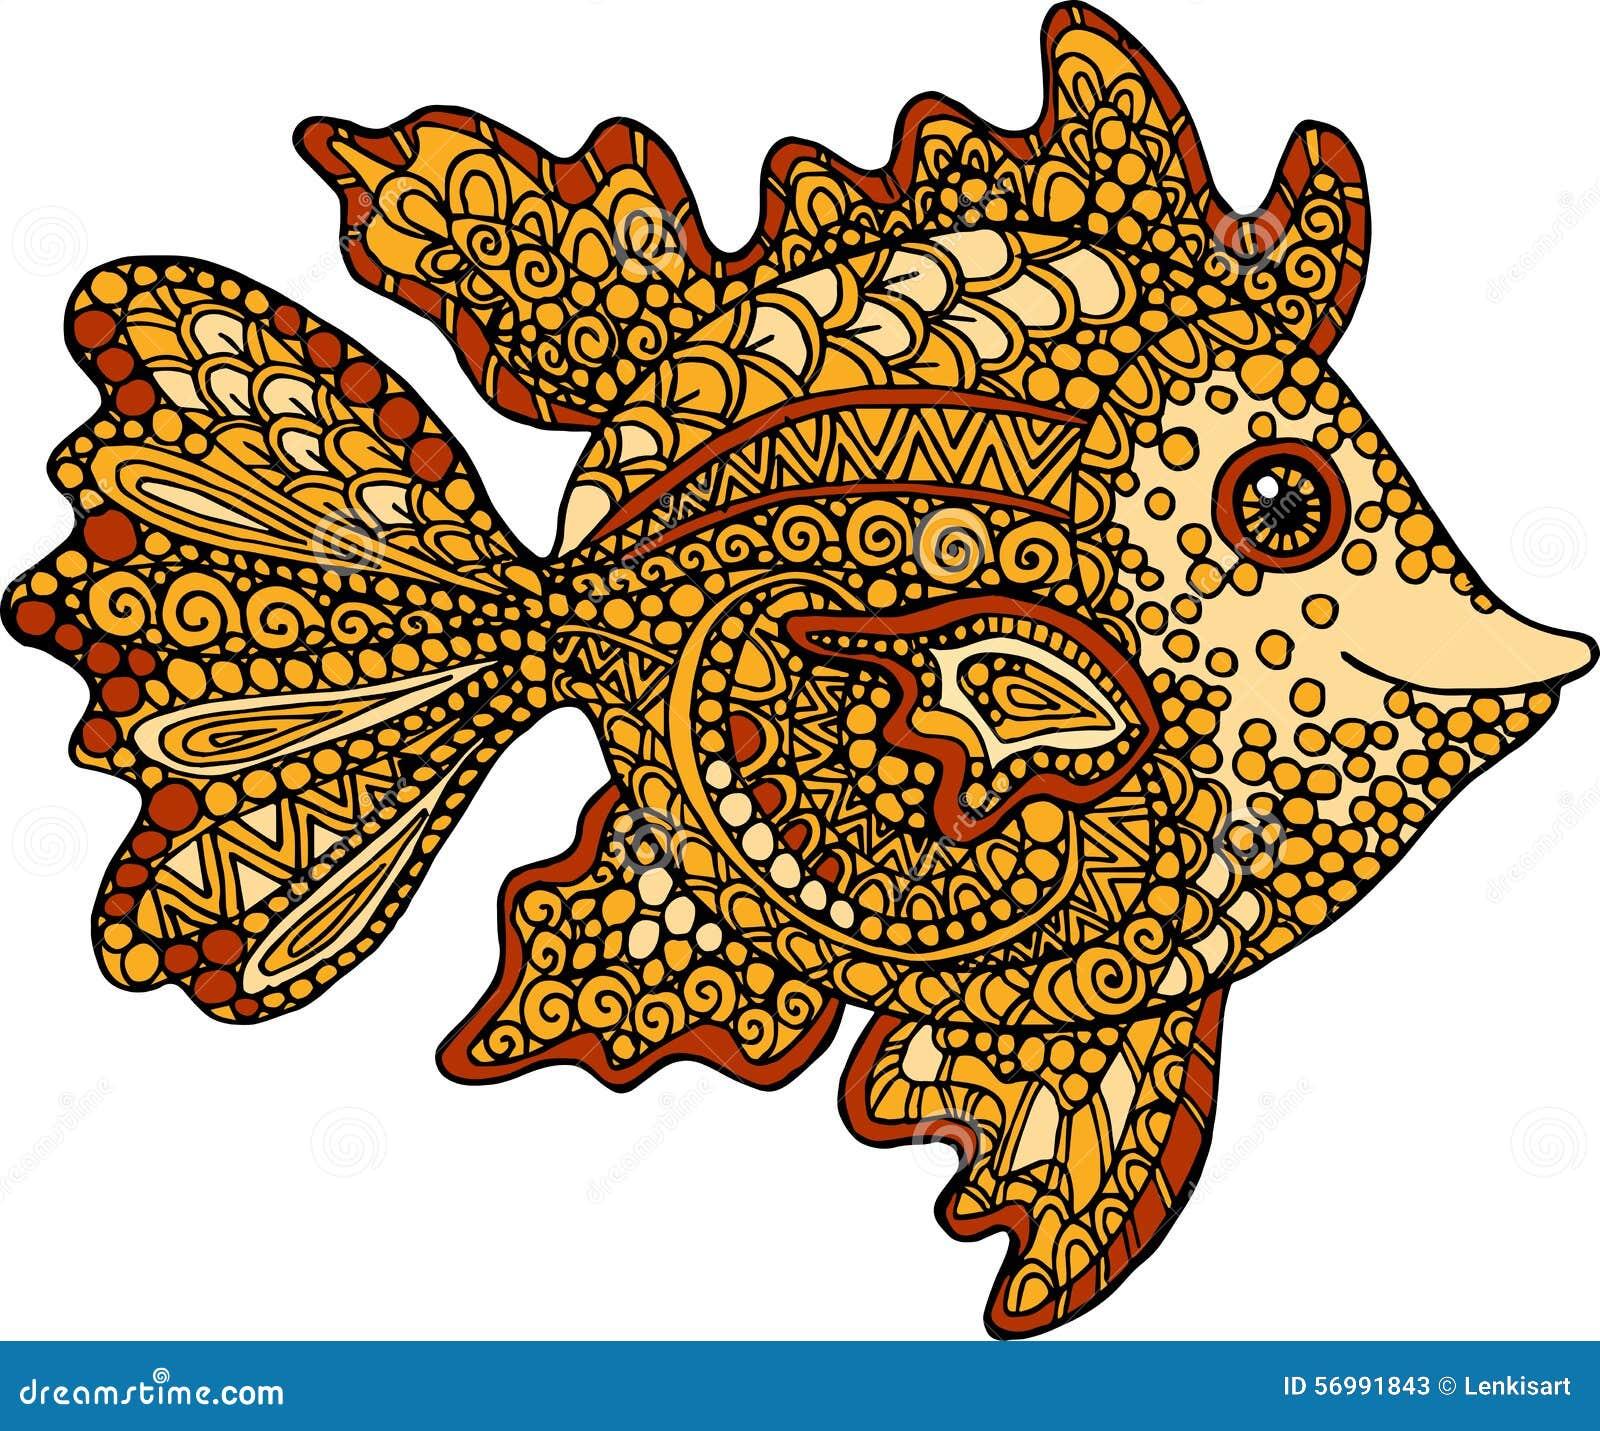 Ejemplo Dibujado Mano Del Pez De Colores Dibujo Ornamental ...